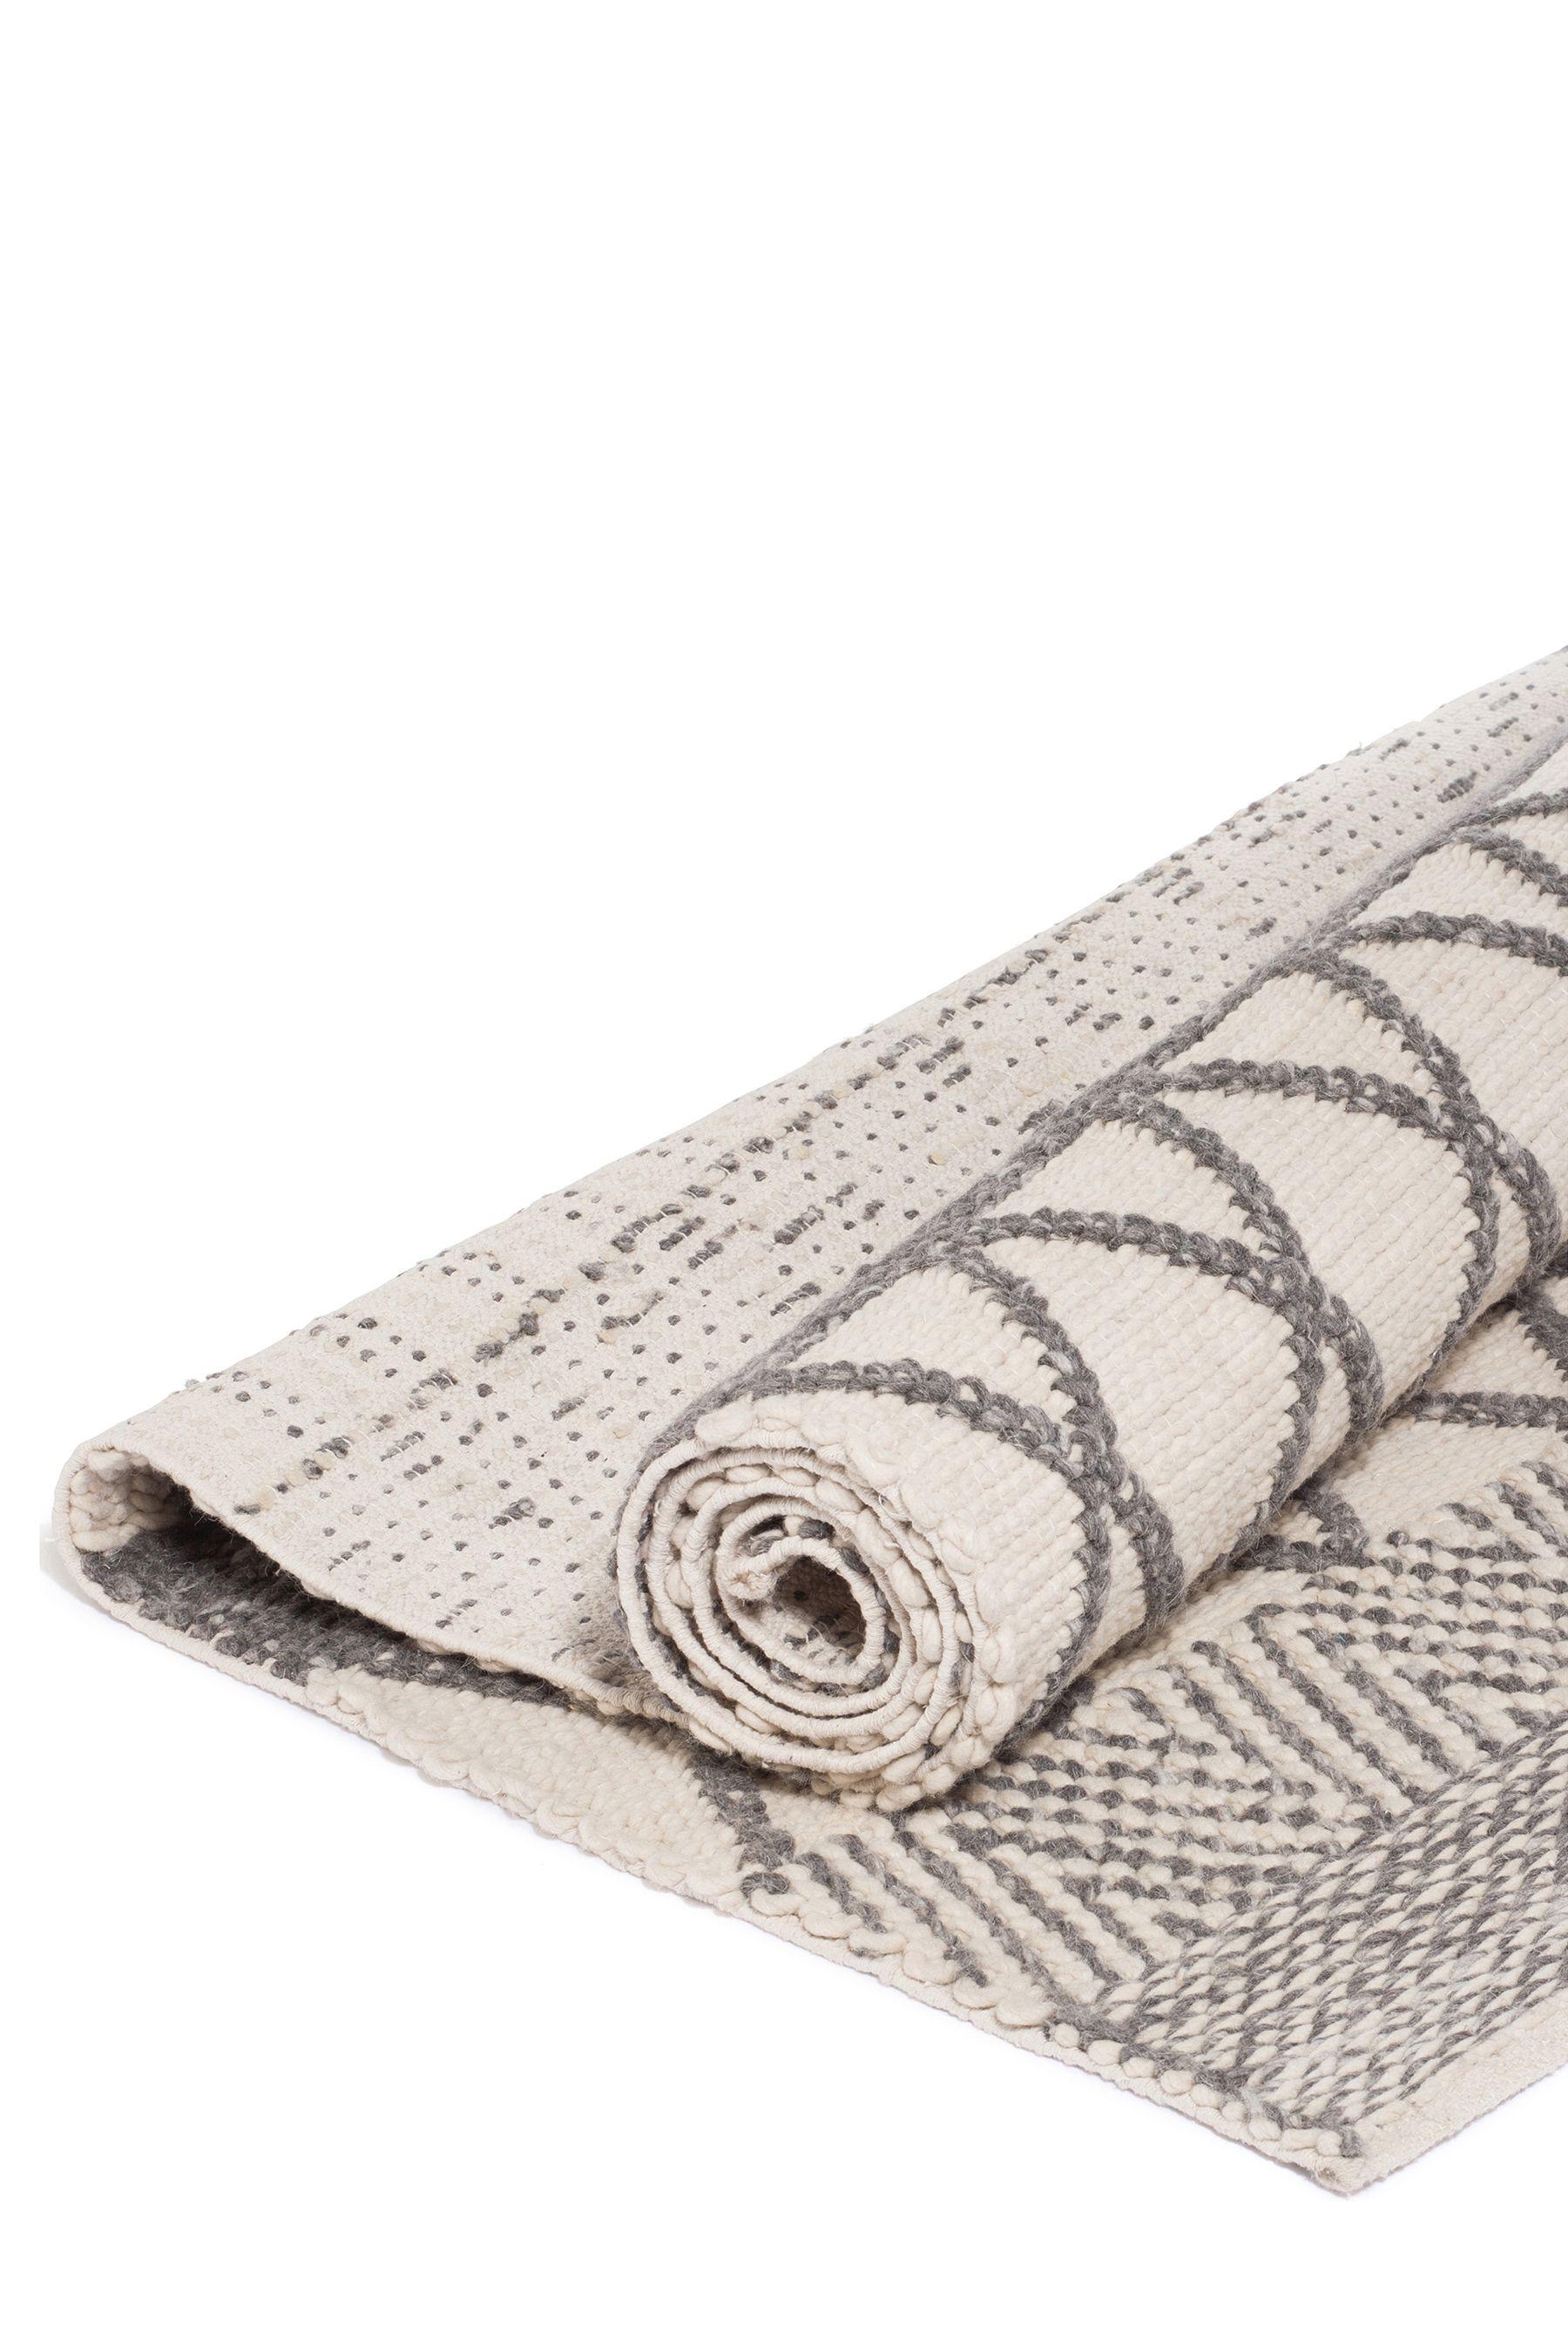 Lombok Nandak Hand Woven Rug Grey